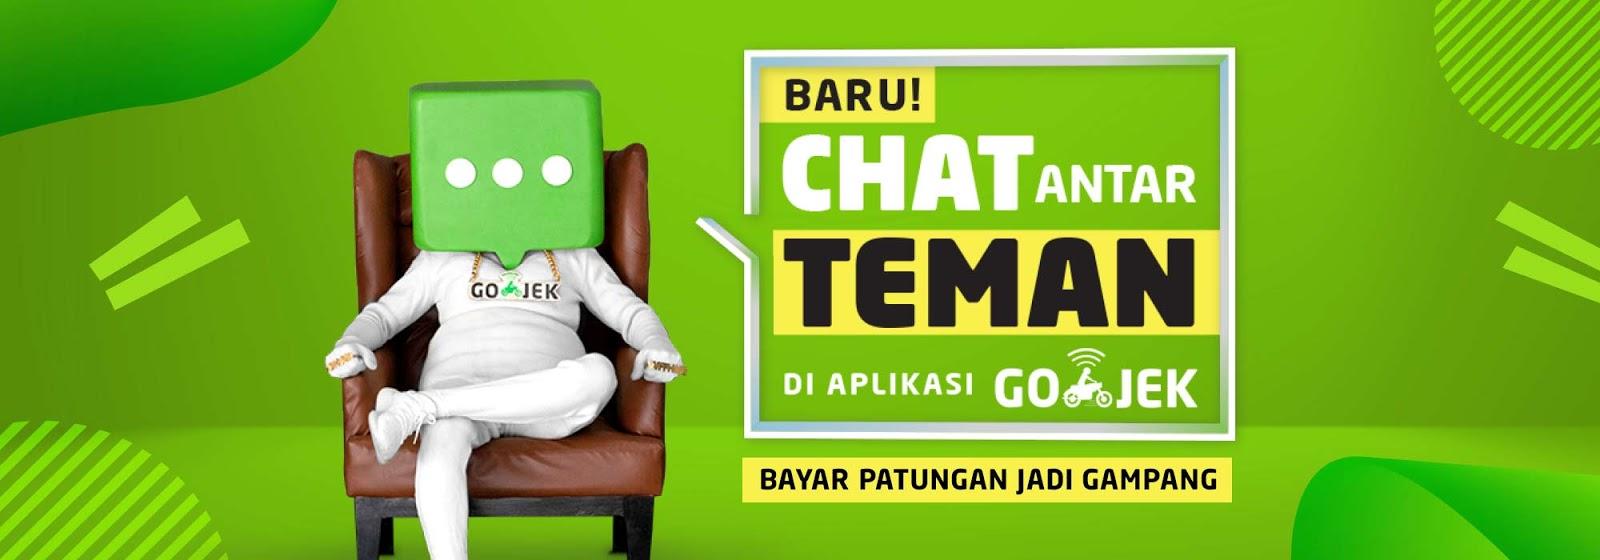 Patungan Lebih Gampang Dengan Fitur Chat Baru di Aplikasi Gojek